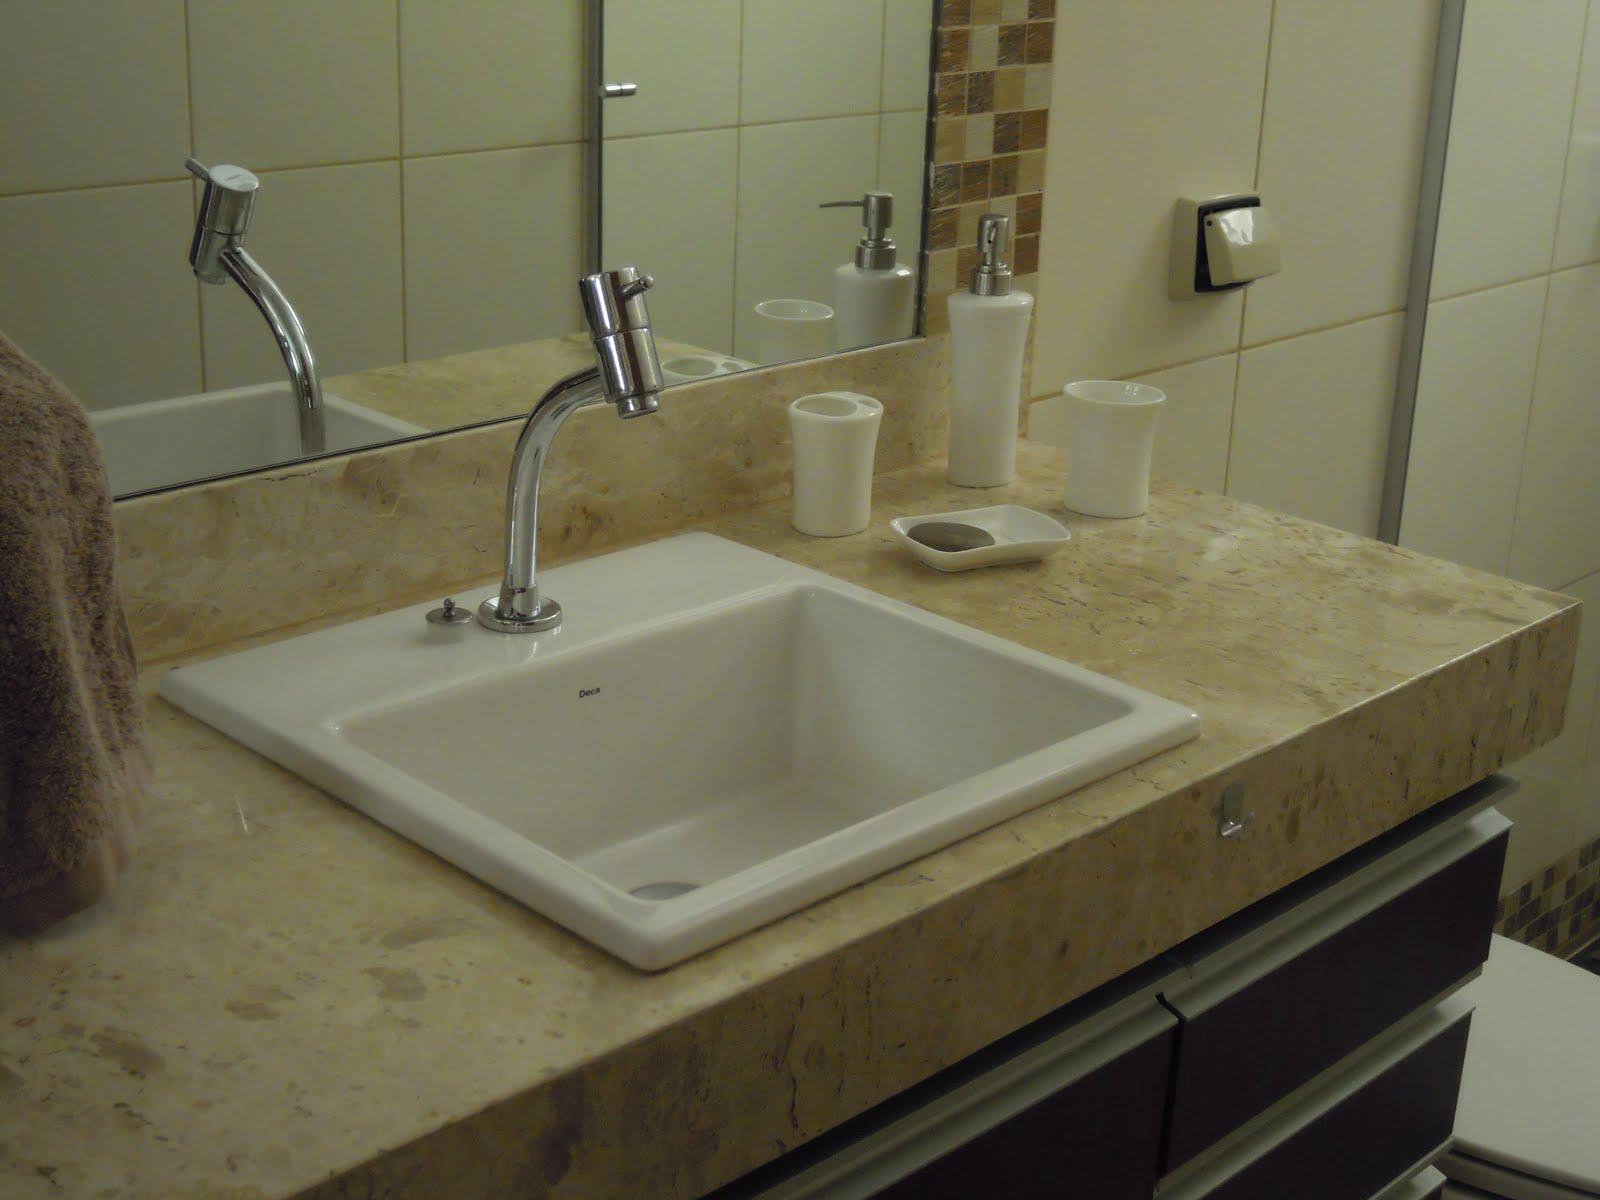 CASA À VENDA NO SOLAR DE BRASÍLIA 3: Setembro 2011 #5A4F33 1600x1200 Banheiro Bancada Bege Bahia